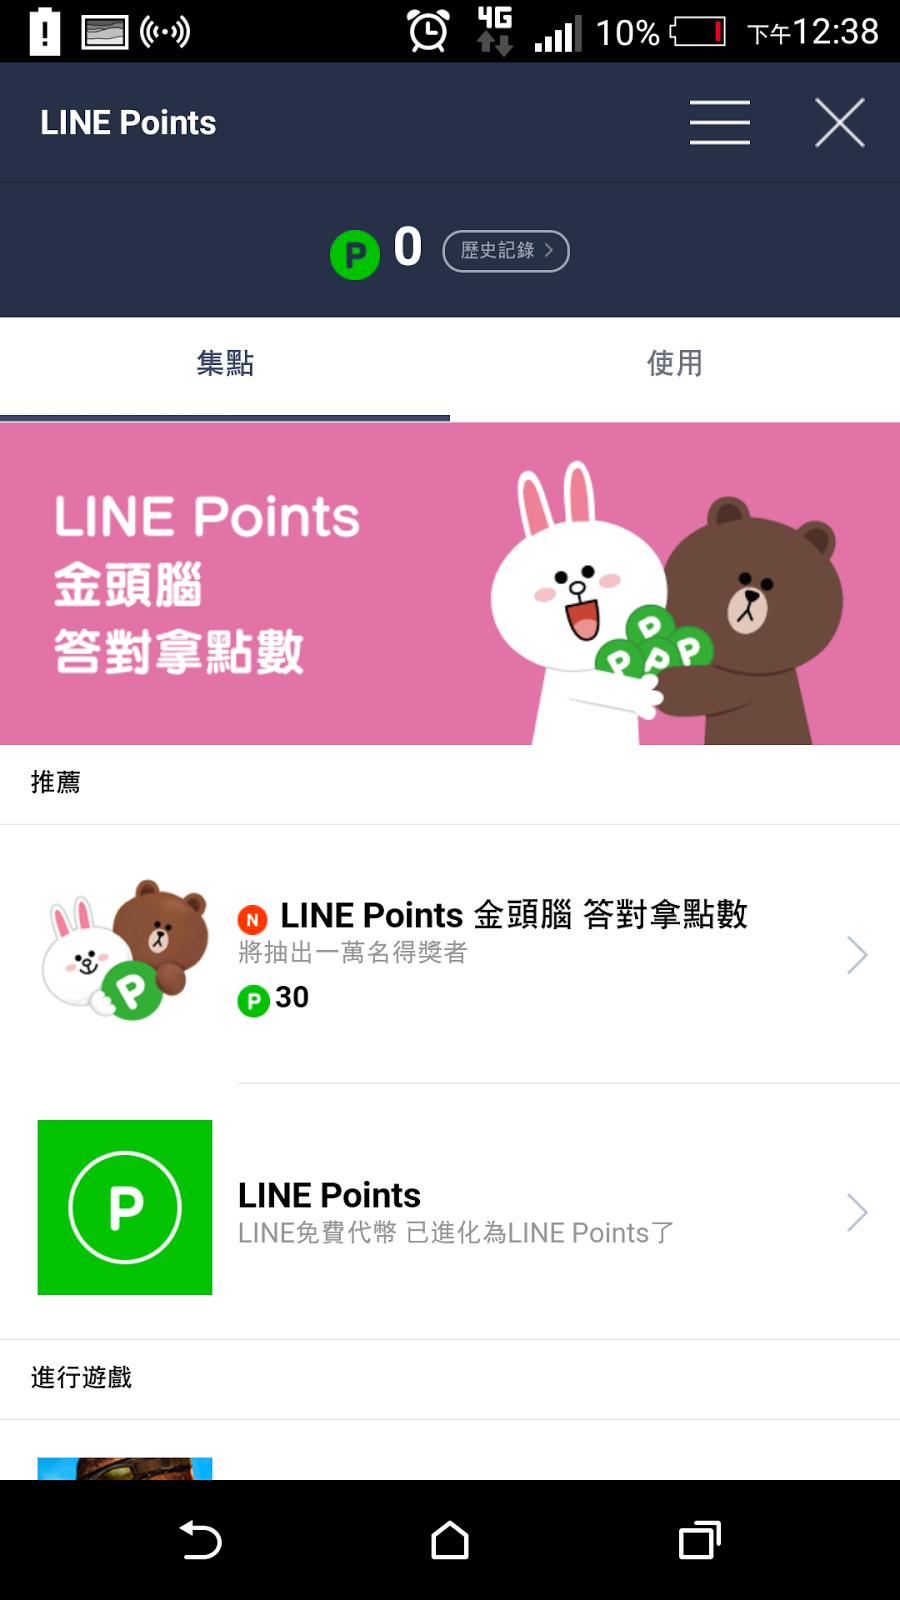 3C工具熊: 【LINE活動】 金頭腦j活動答案 2016/5/24